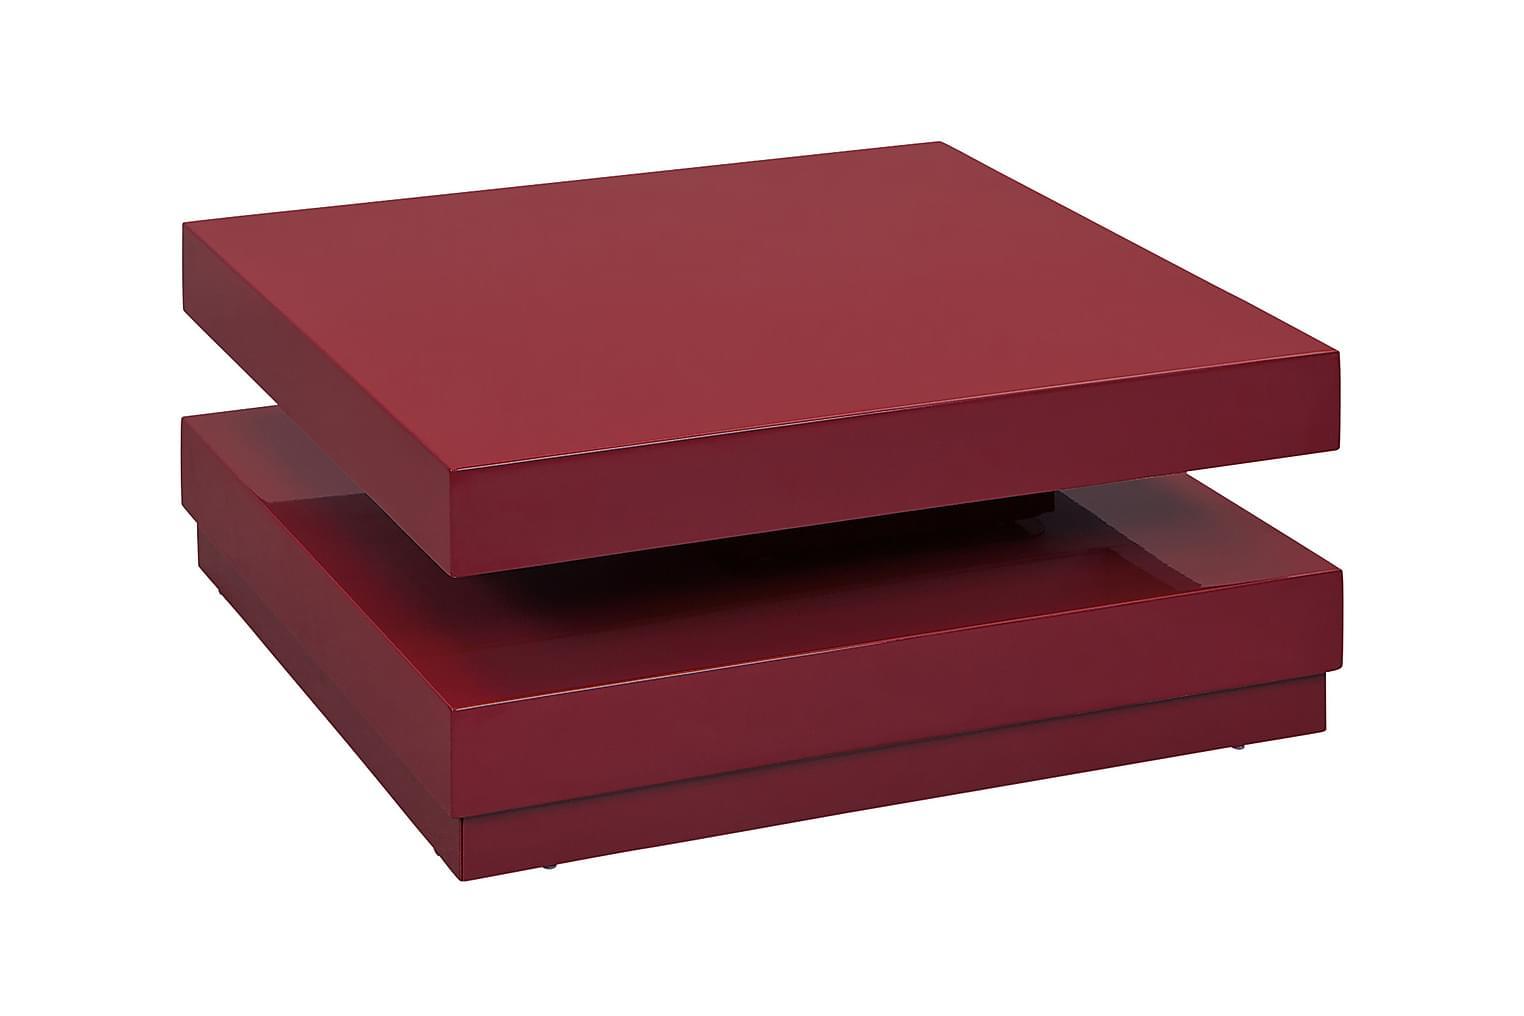 MODUS Sohvapöytä Punainen